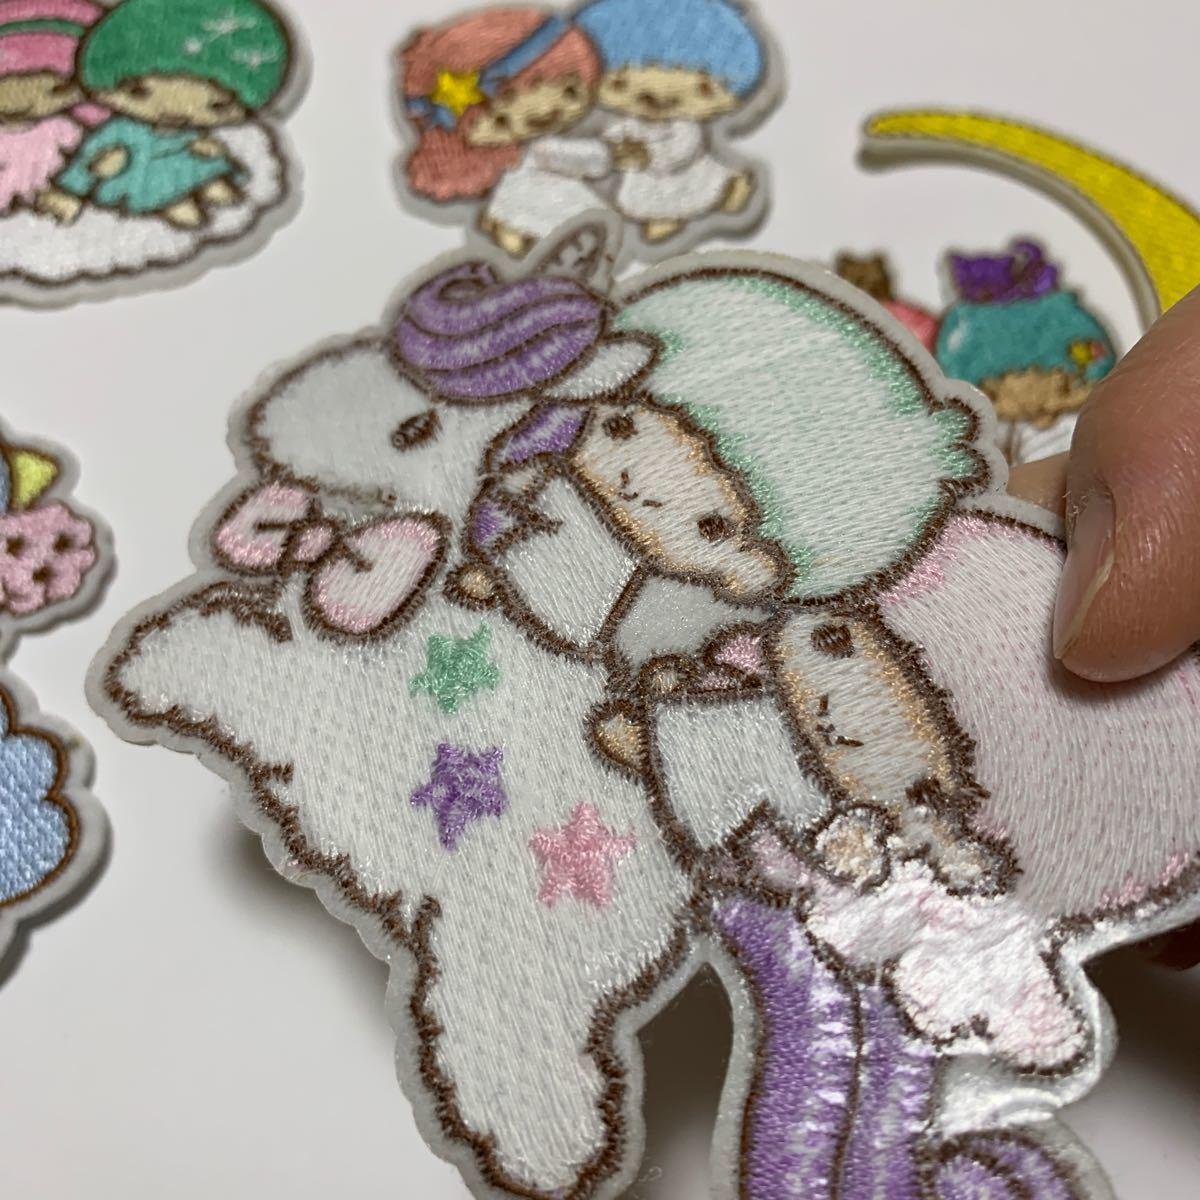 アイロンワッペン 刺繍ワッペン キキララ リトルツインスターズ ワッペン アップリケ パッチ 5枚 リトルツインスター